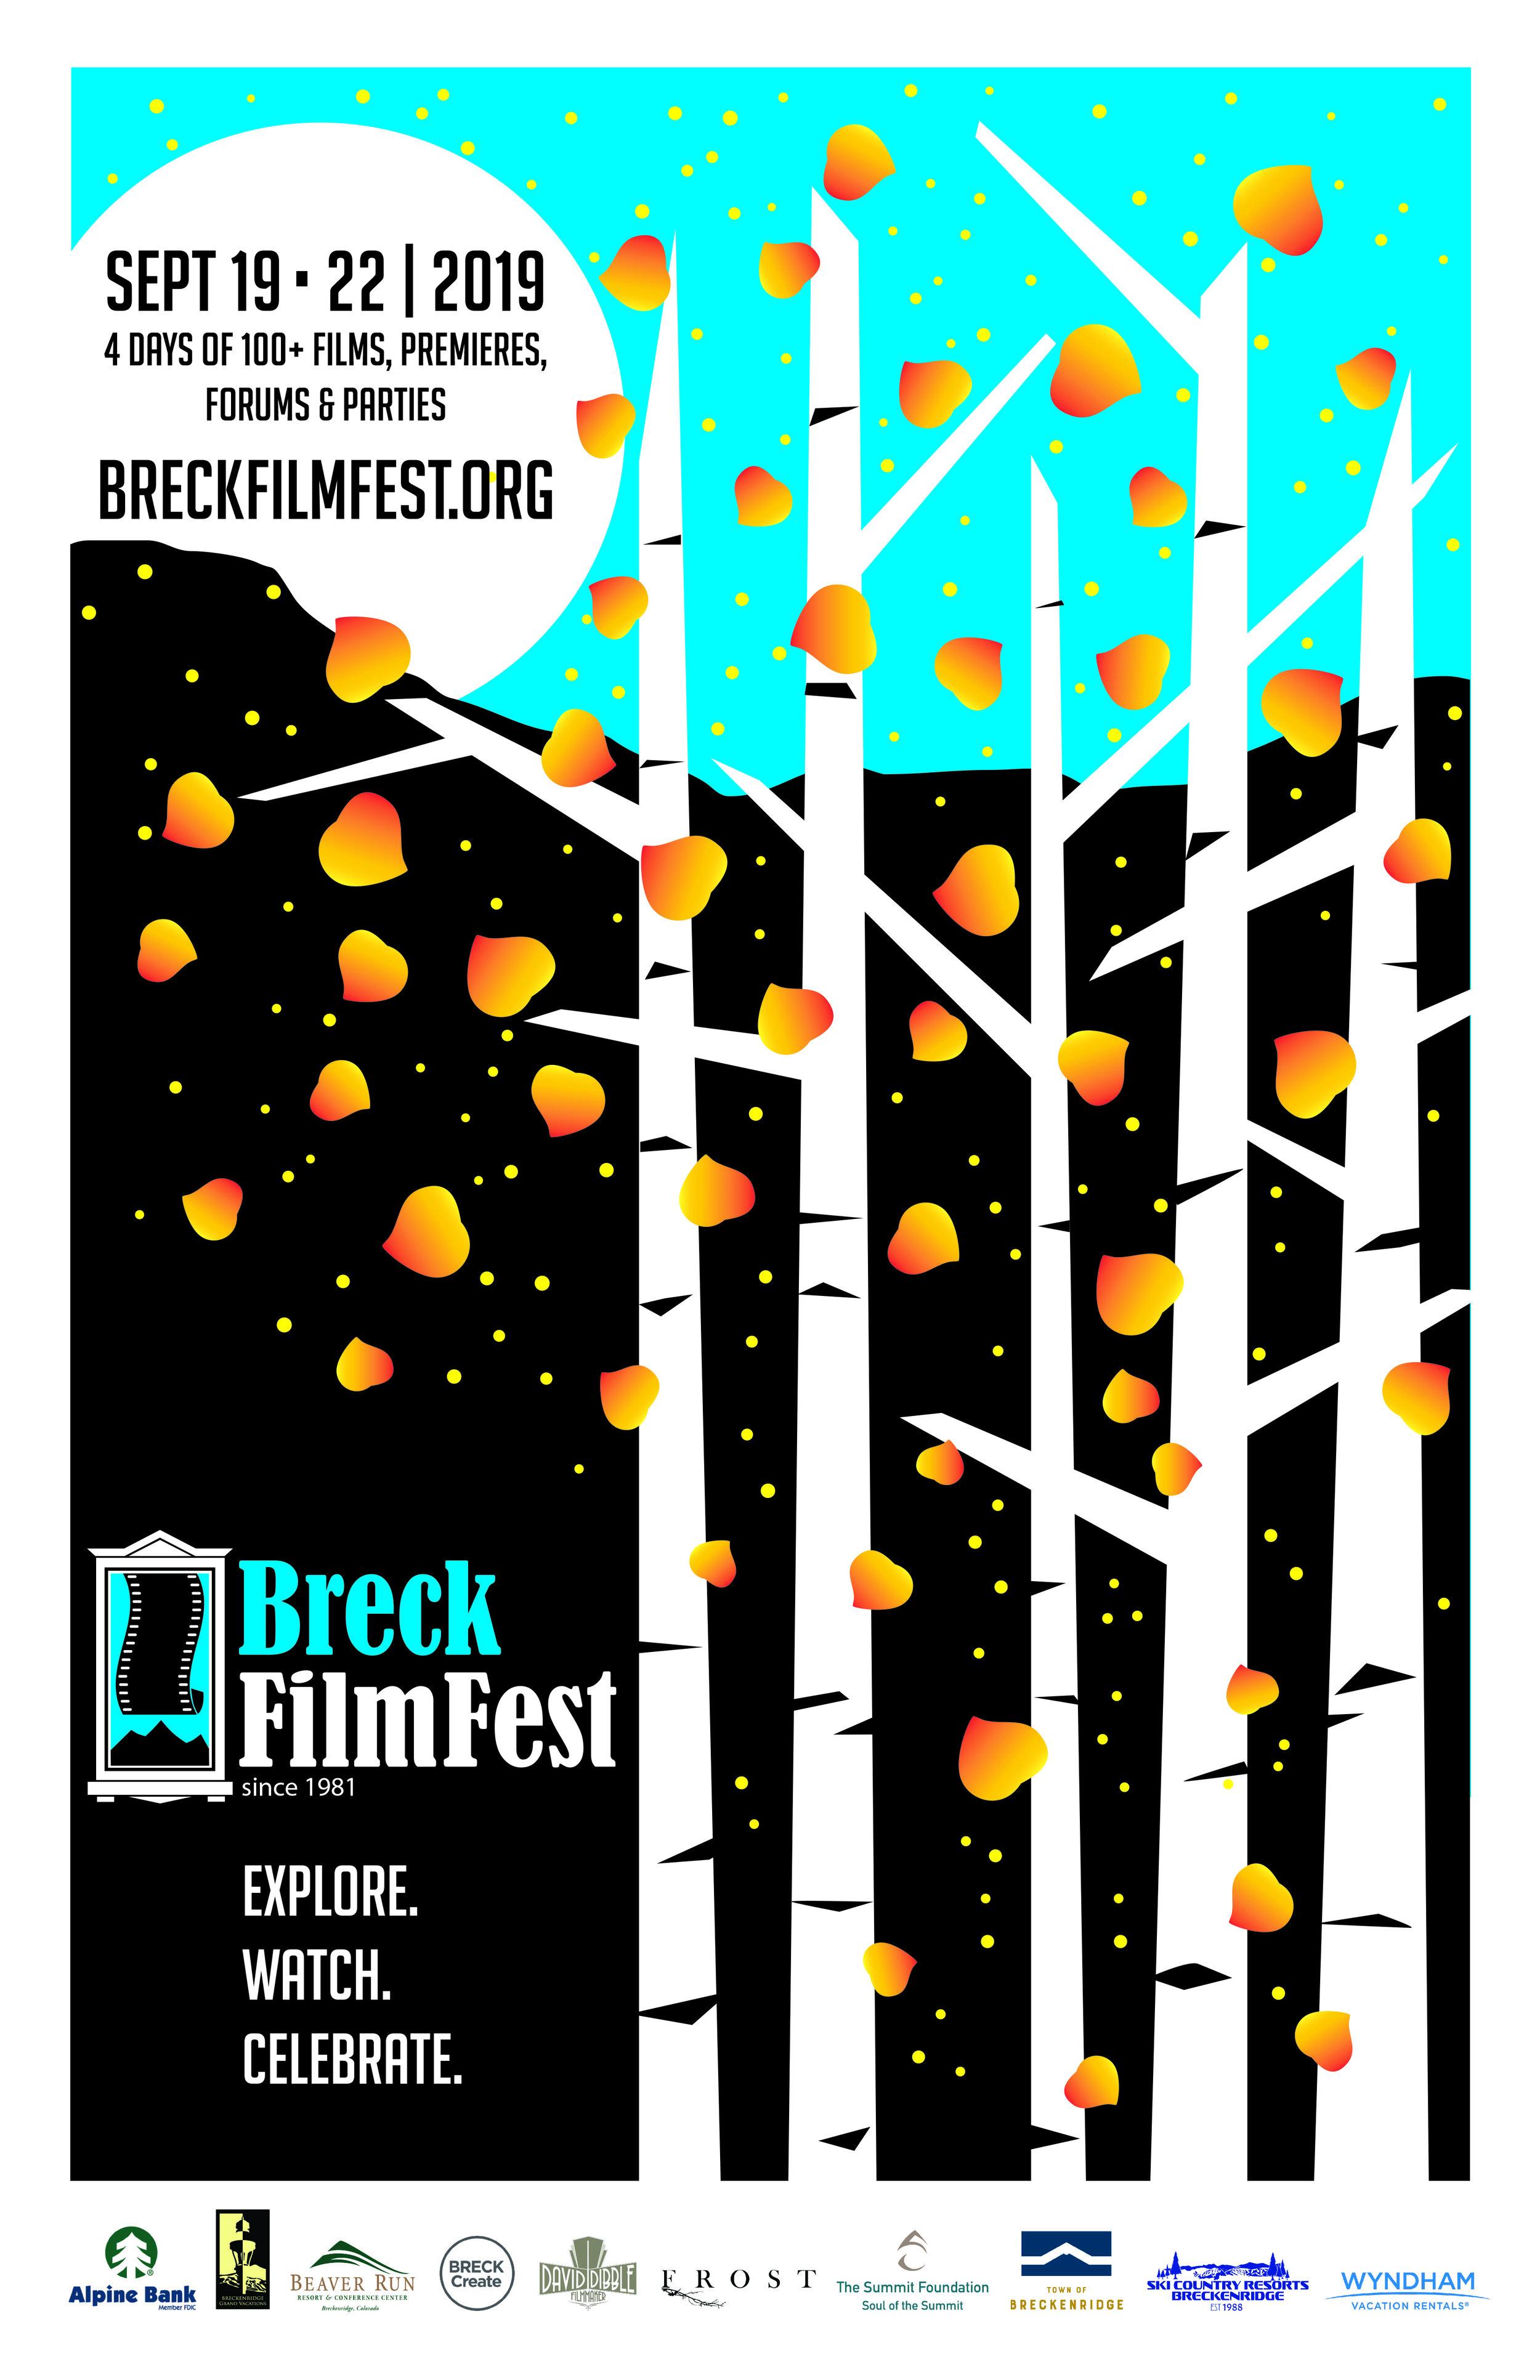 2019 BreckFilmFest Poster